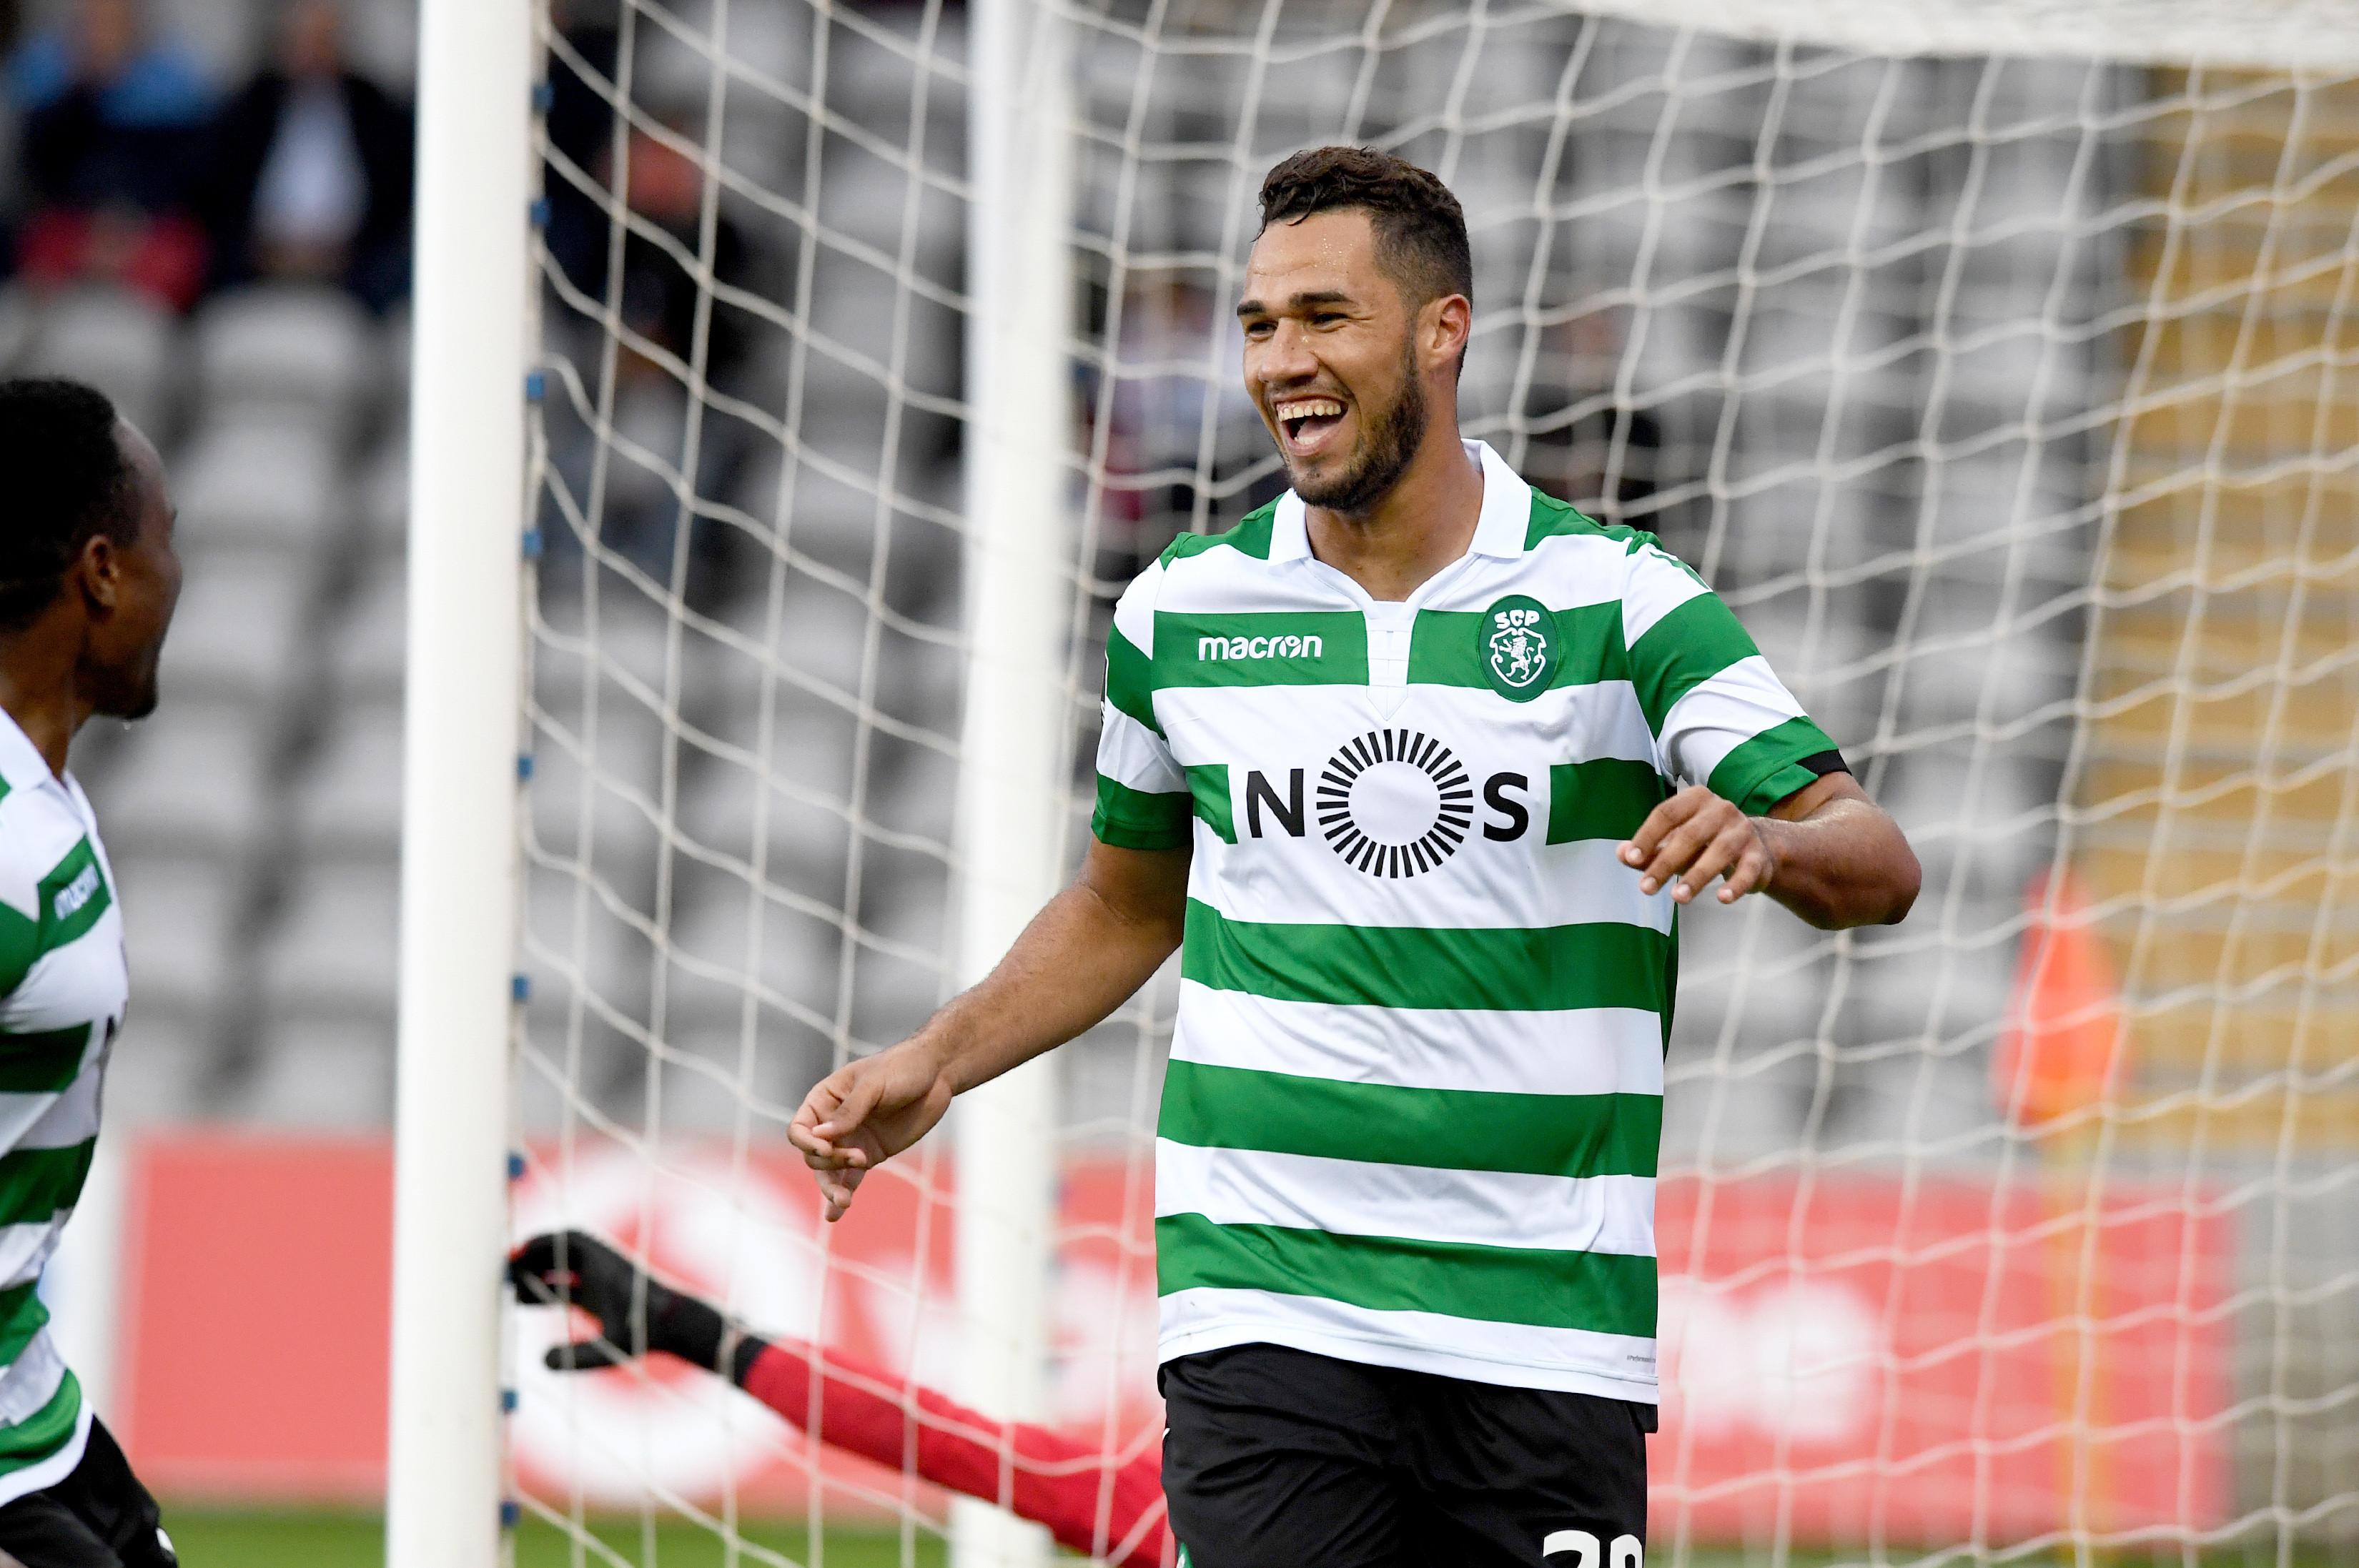 Leão conseguiu feito inédito em 2018/19 com dois 'novos' protagonistas